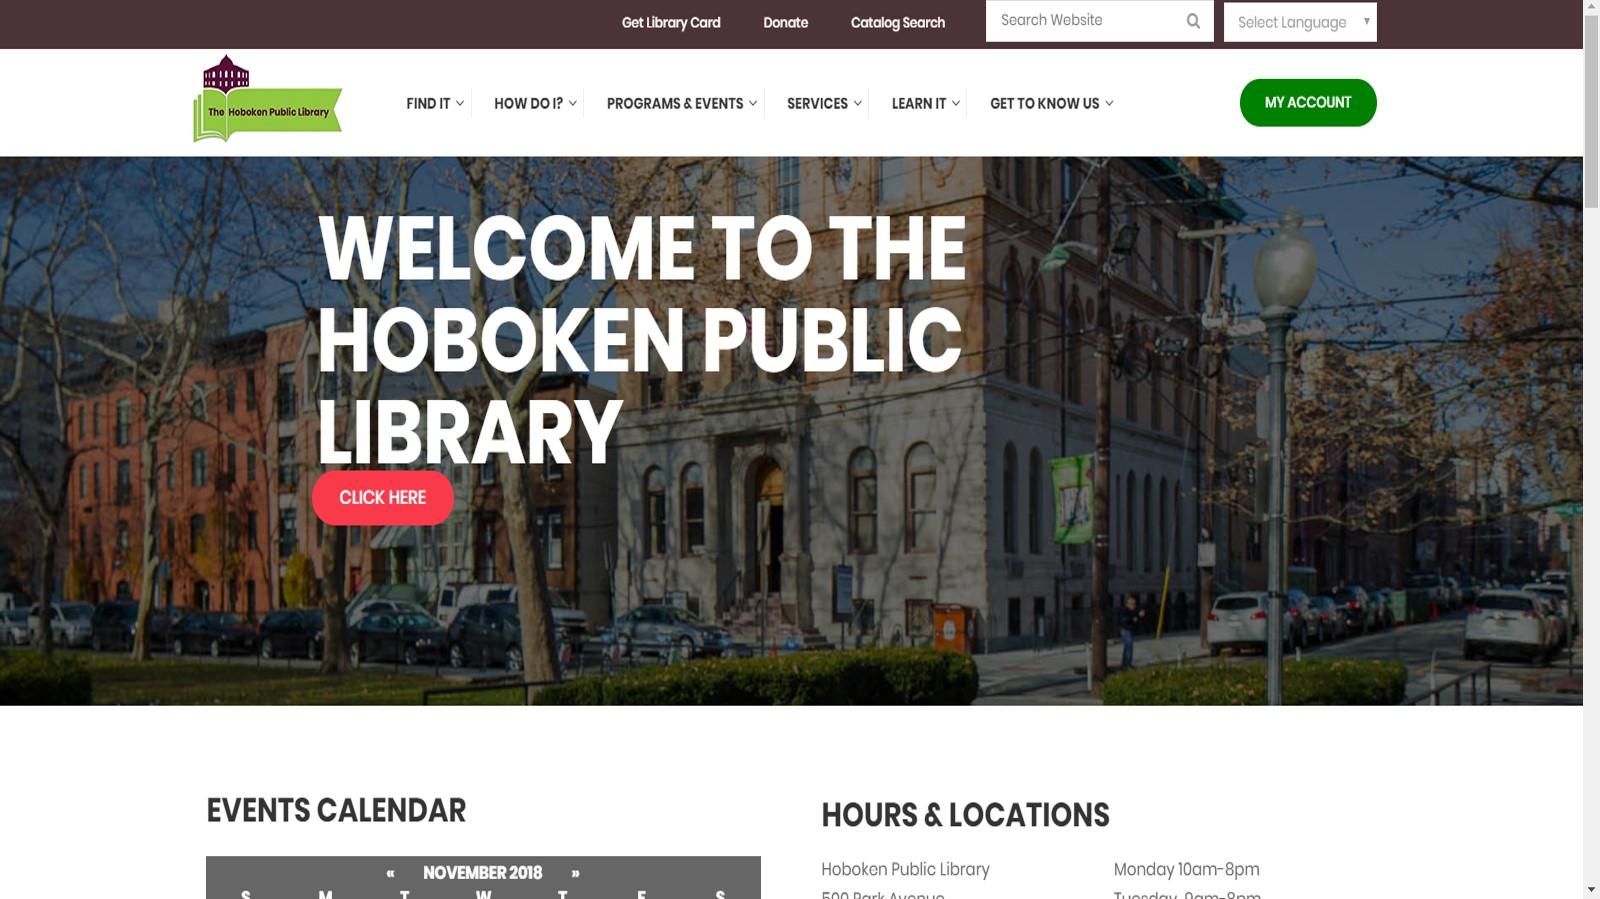 HobokenPublicLibrary.jpg